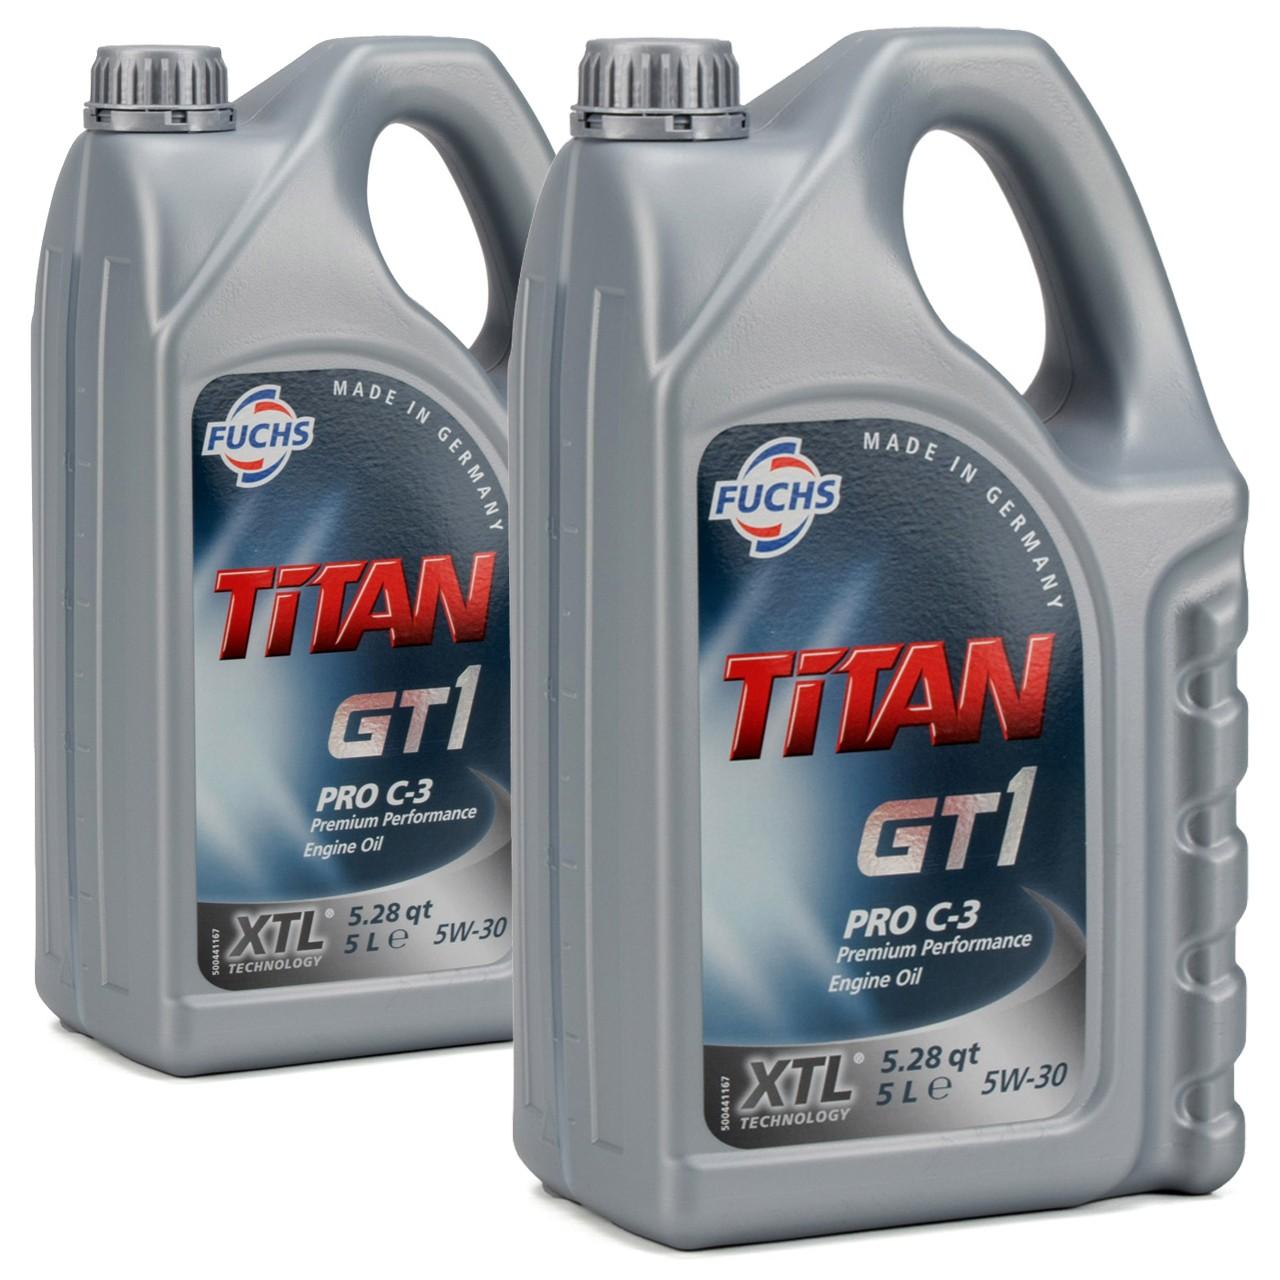 FUCHS MOTORÖL TITAN GT1 Pro C-3 5W30 5W-30 VW 504.00 507.00 MB 229.51 - 10 Liter